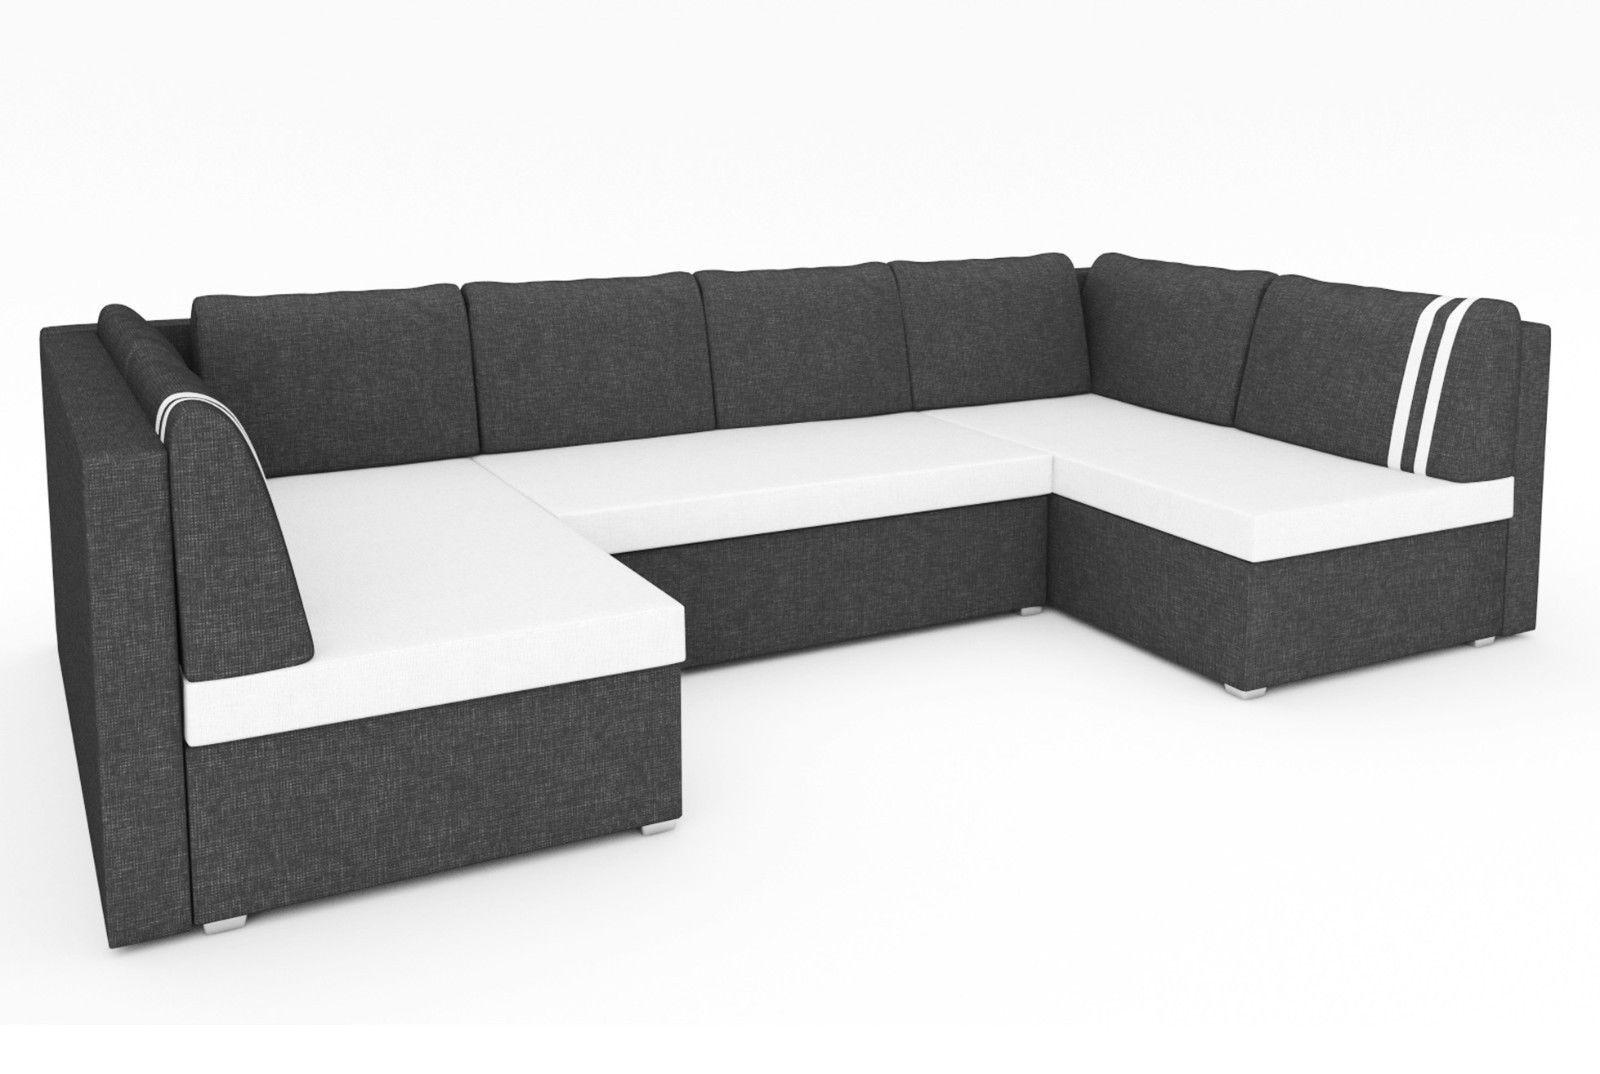 Sofa Couch Ecksofa Eckcouch Schlaffunktion Bettkasten Sofagarnitur Schlafcouch Ecksofas Wohn Mobel Couch